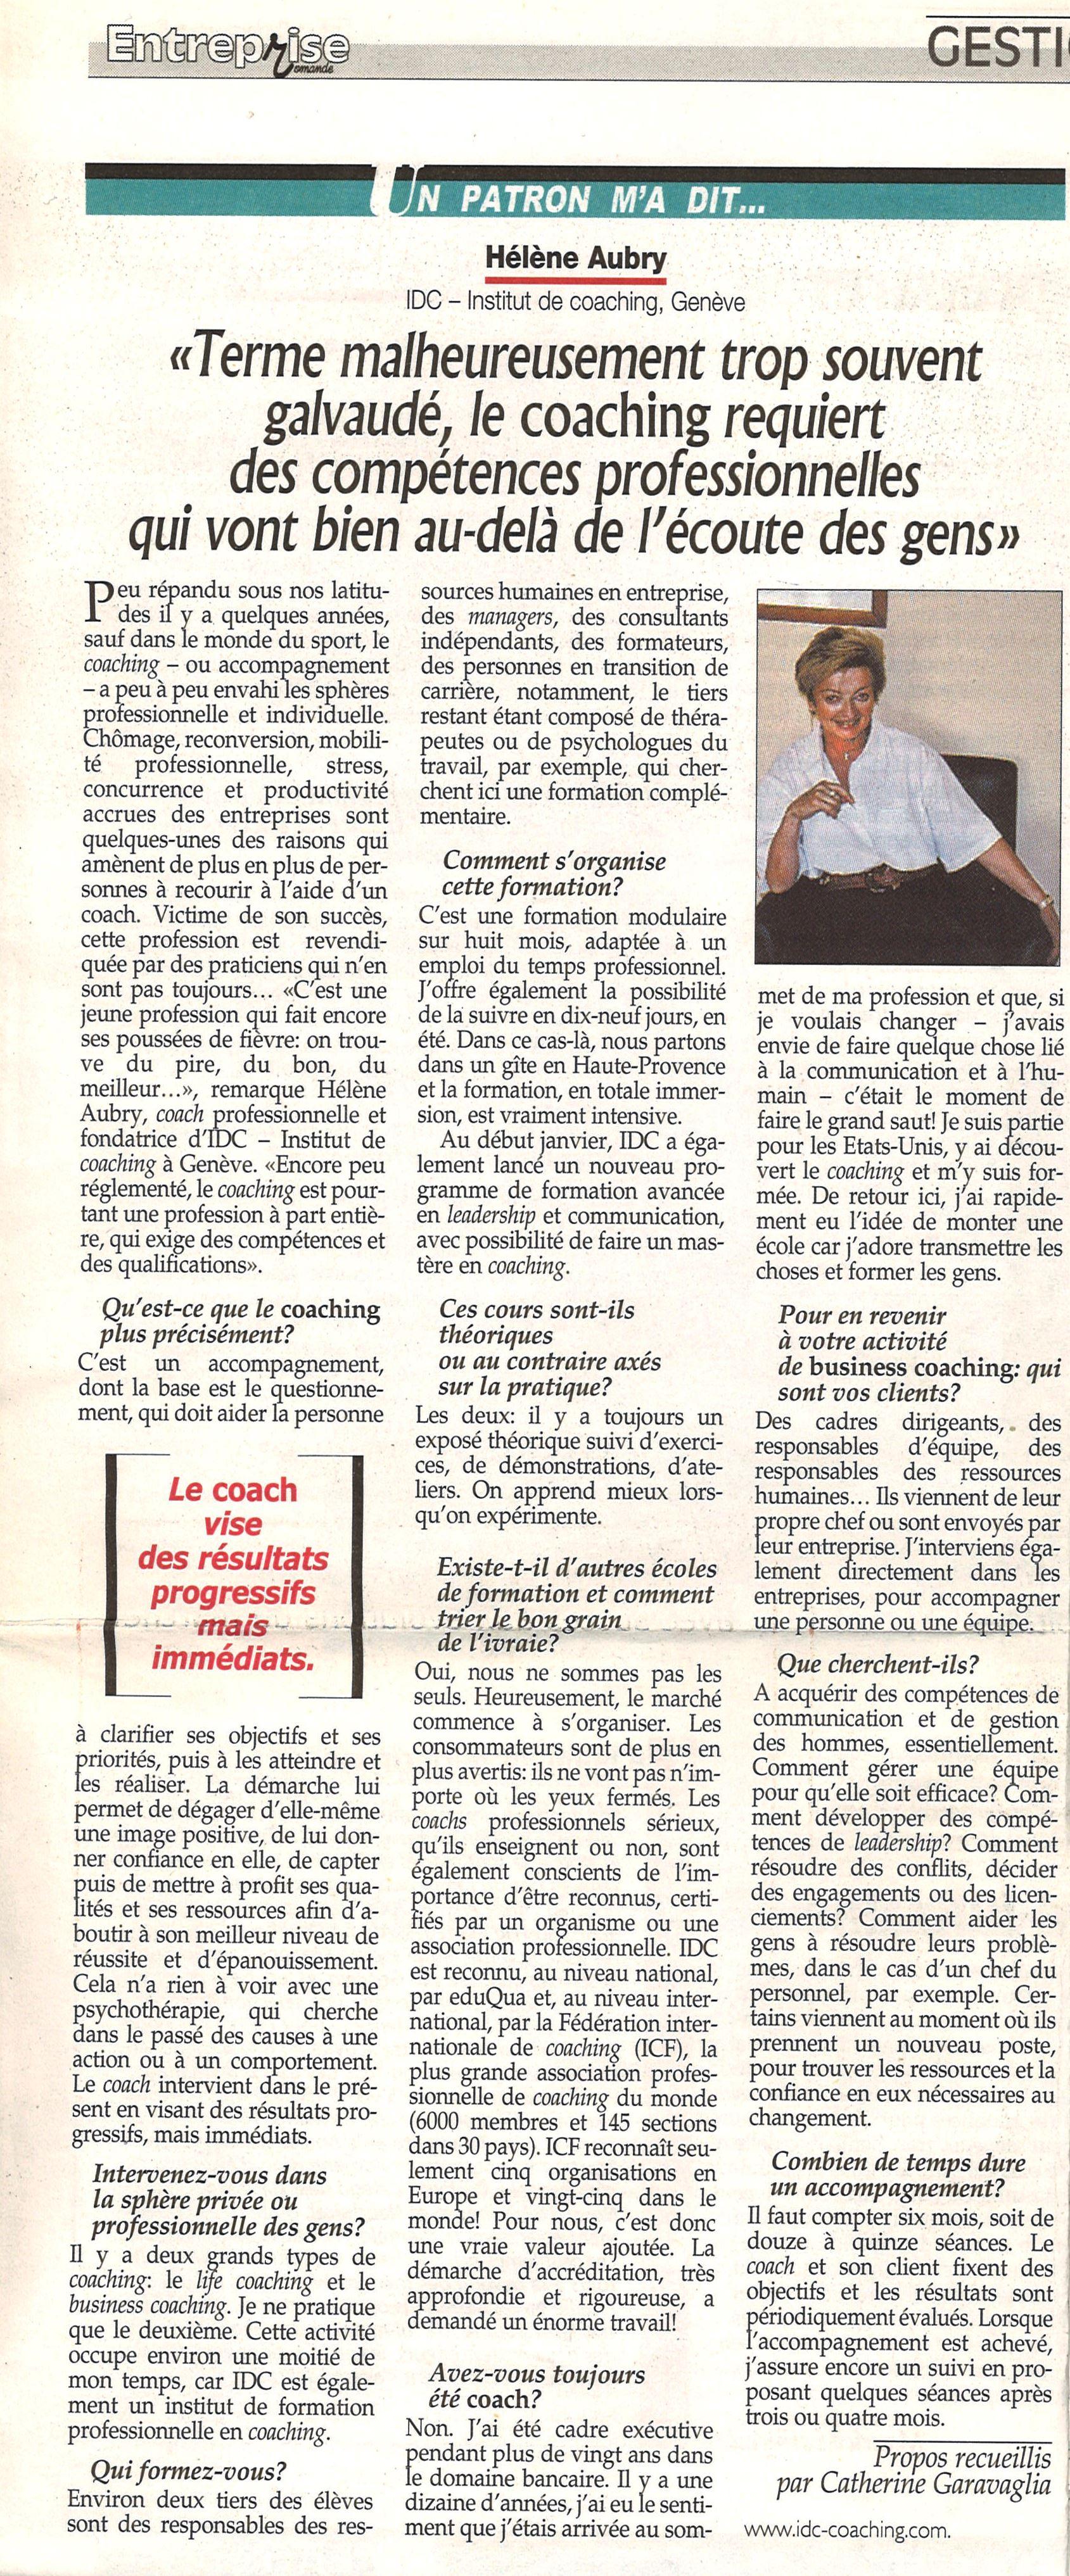 REVUE ENTREPRISE-Un patron m'a dit...-01.2005